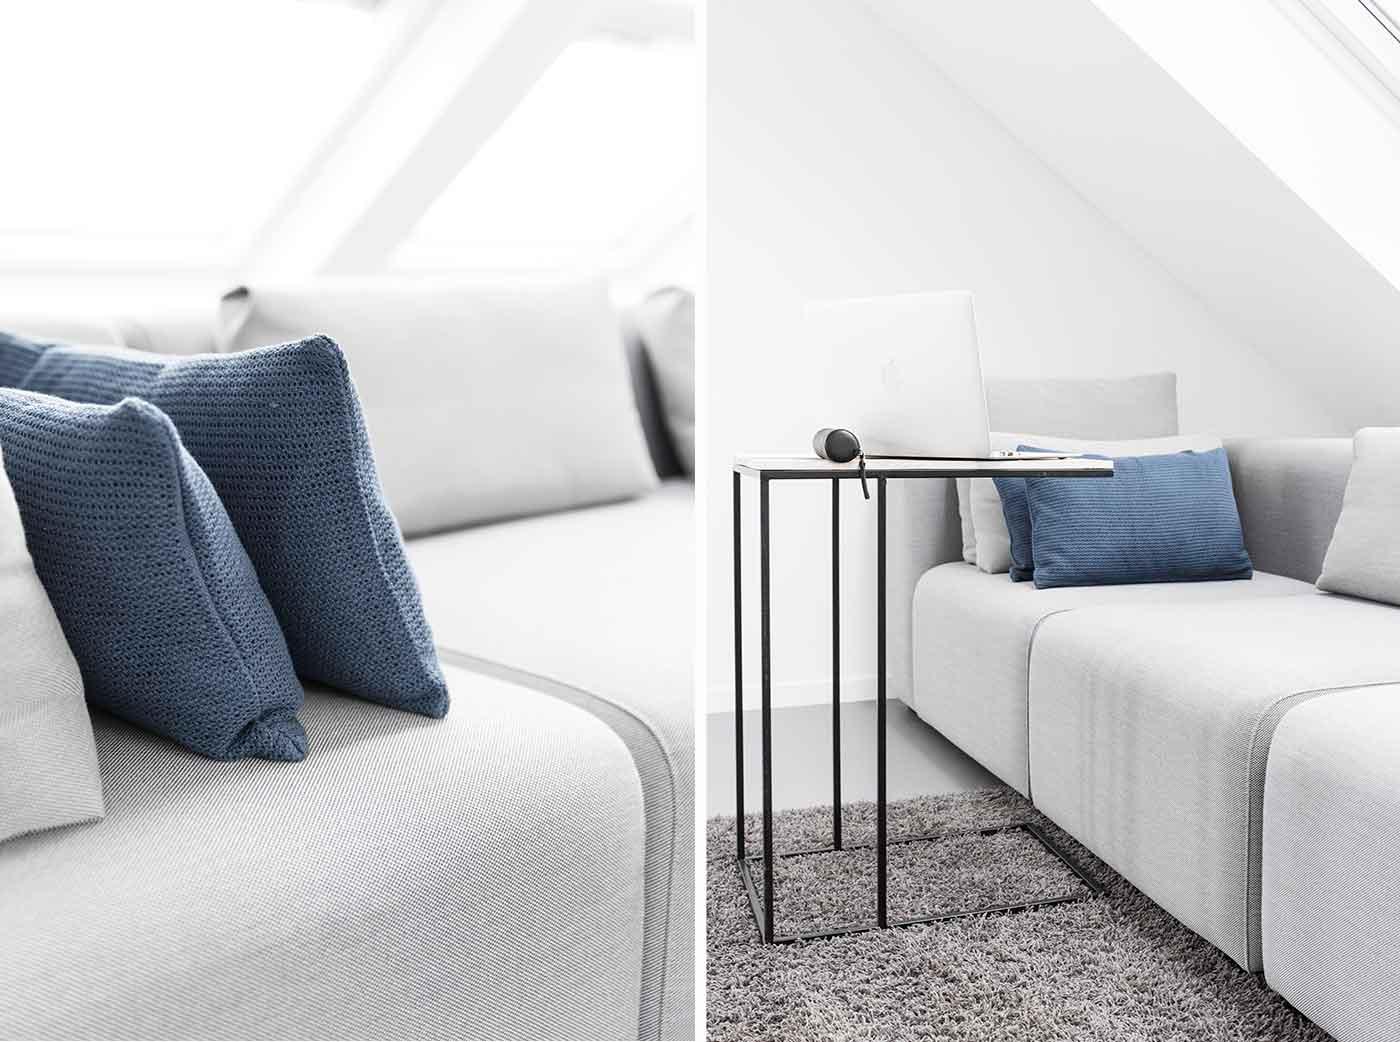 wohntrends farben 2017 wohntrends 2017 und einrichtungsideen die 2018 mitgestalten peachy. Black Bedroom Furniture Sets. Home Design Ideas